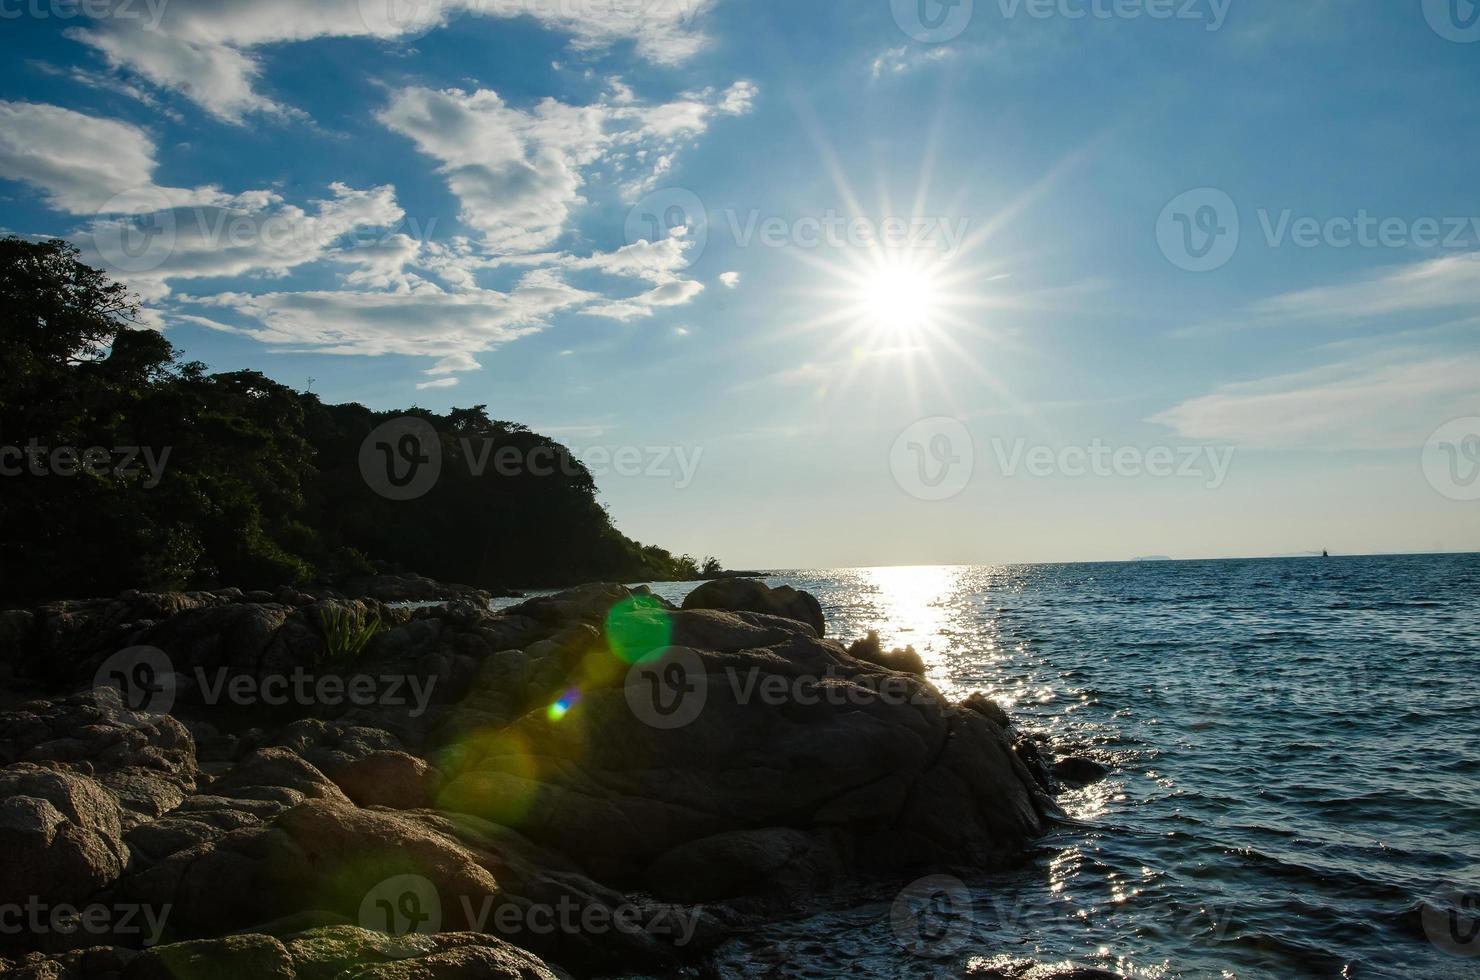 Sonnenuntergang Hintergrundbeleuchtung an der Küste foto